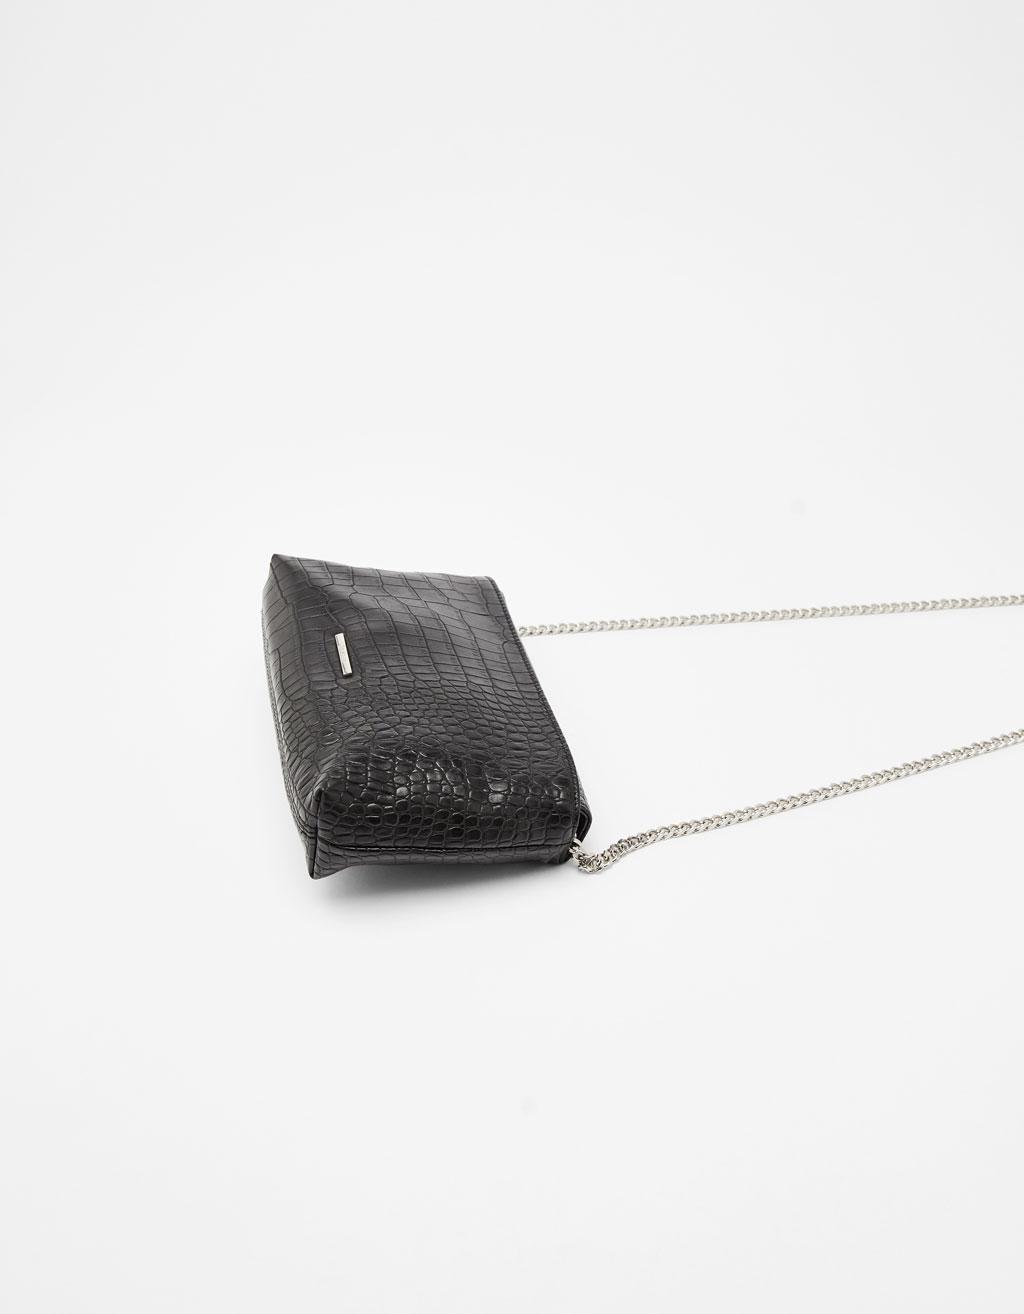 Taske med krokrodilleprægning